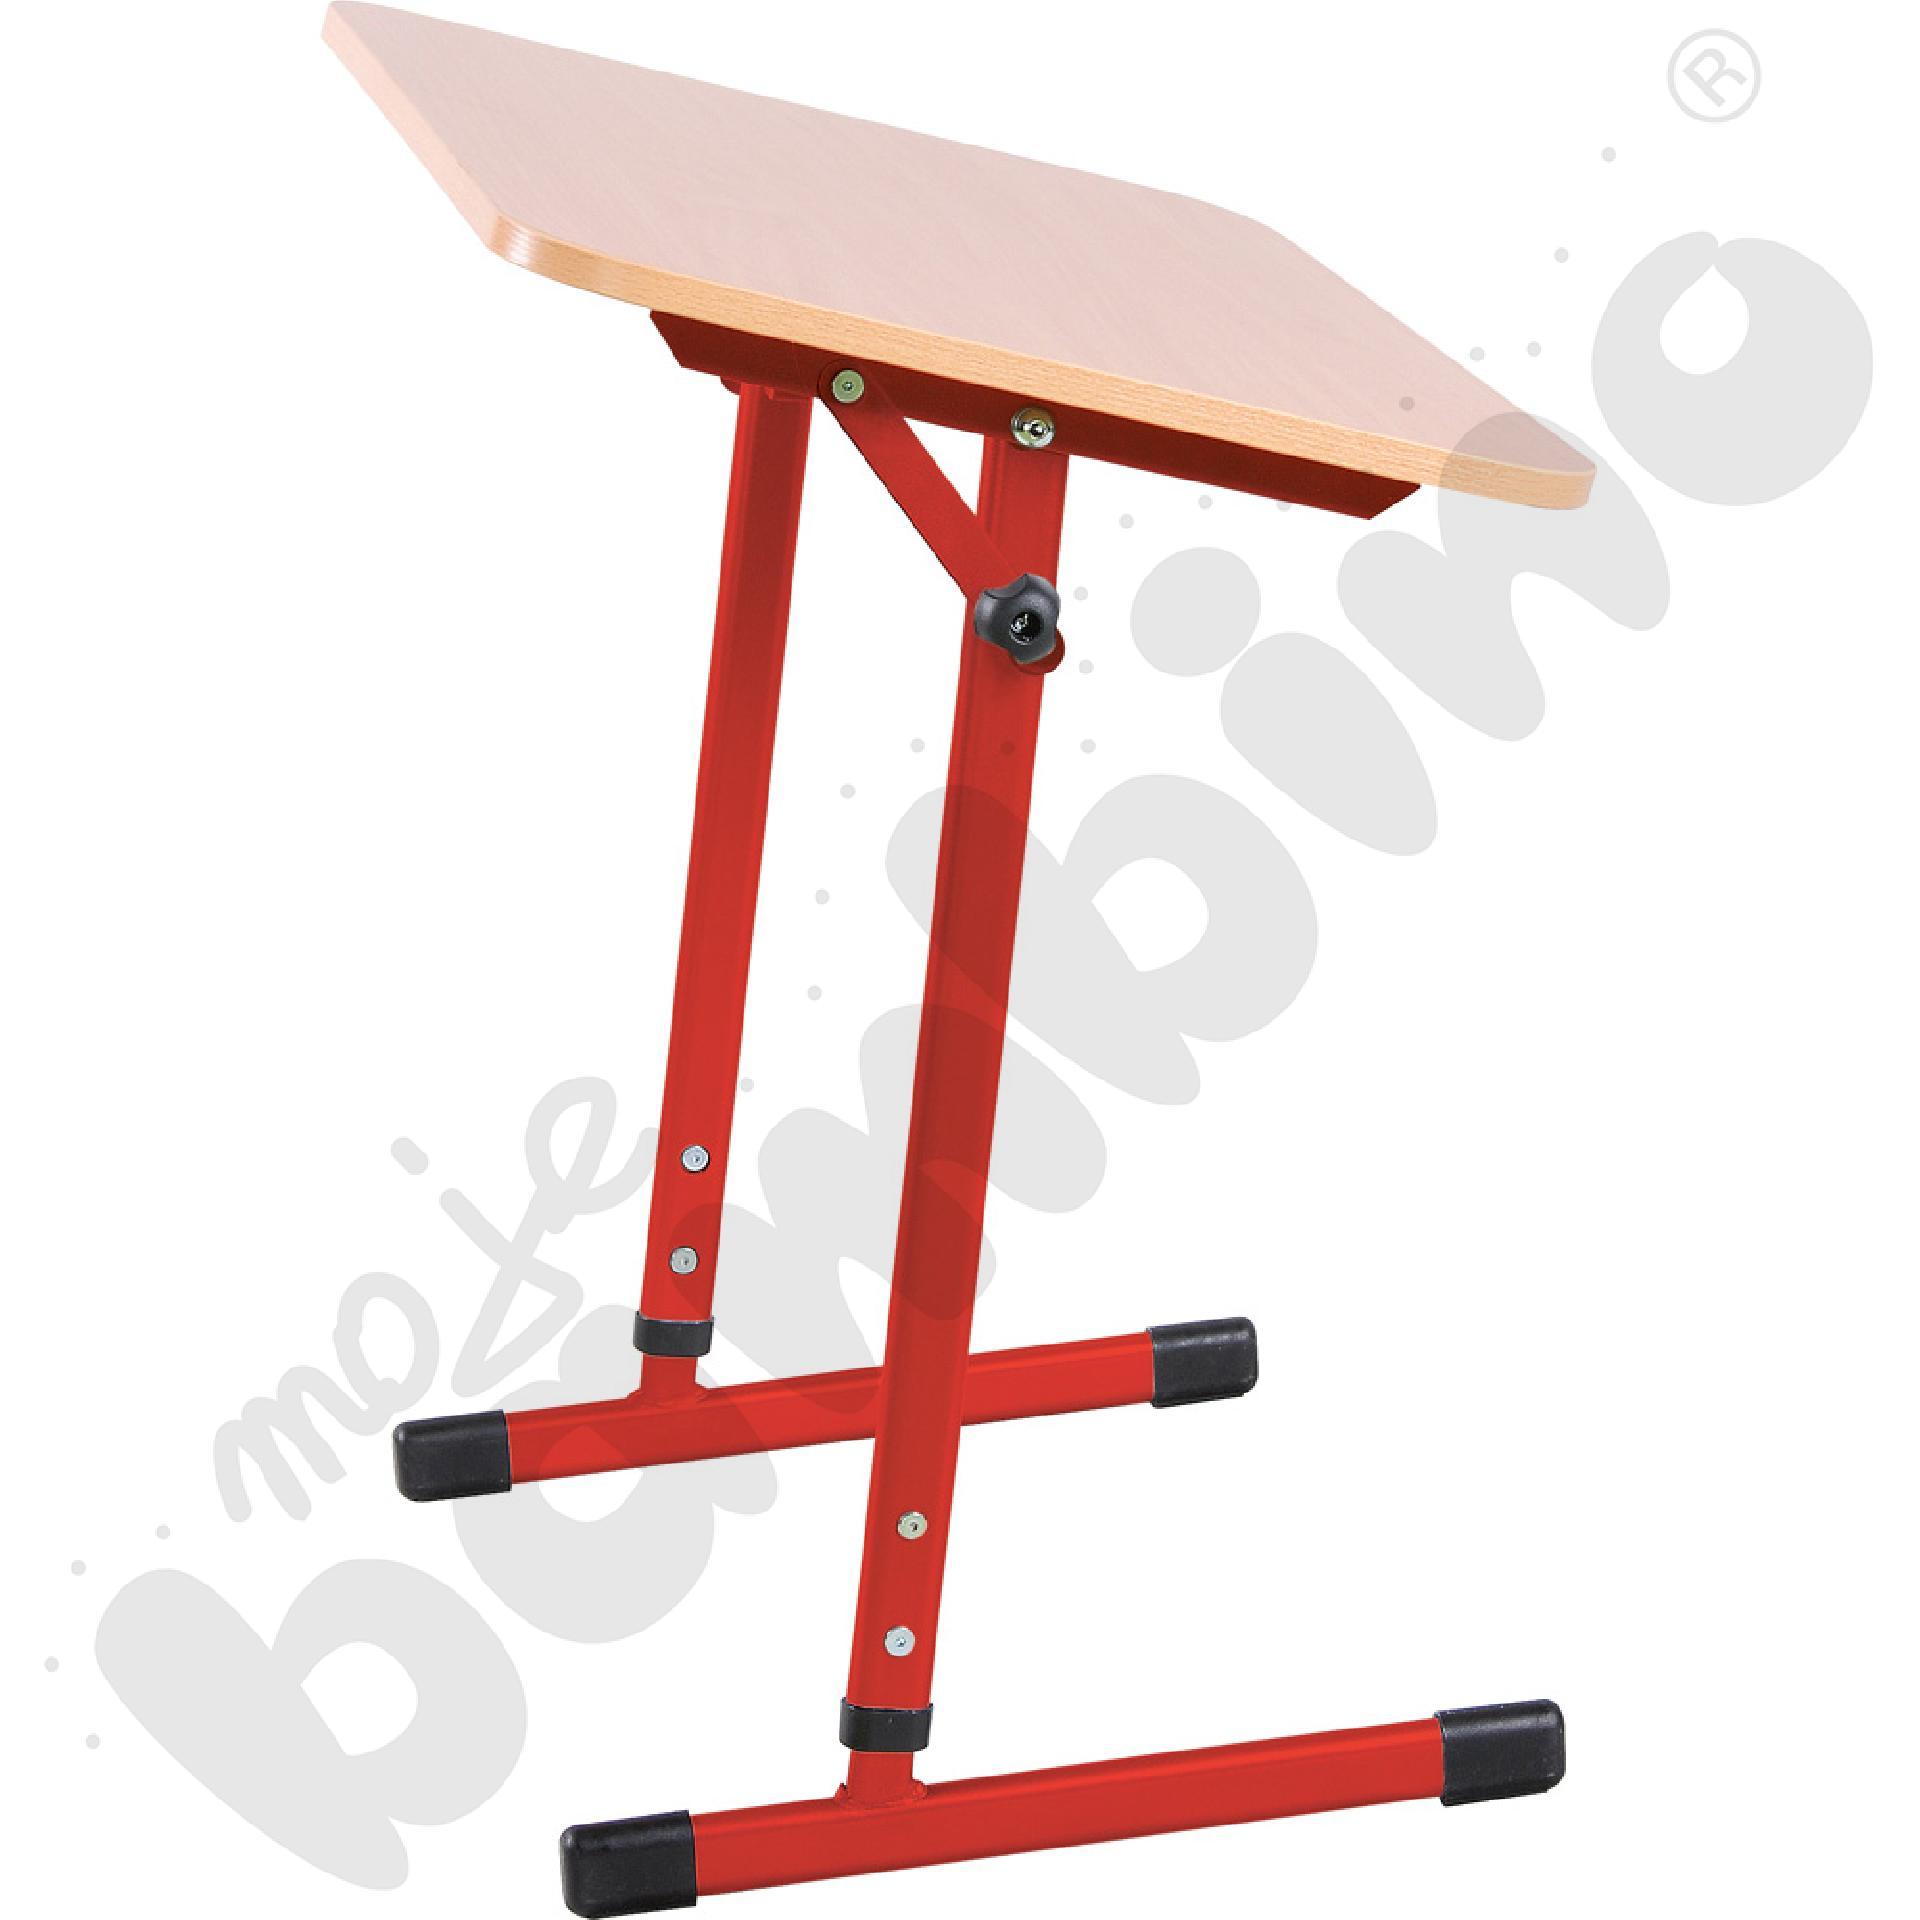 Stabilny stół pochylny 1-os. T 5-6 czerwony